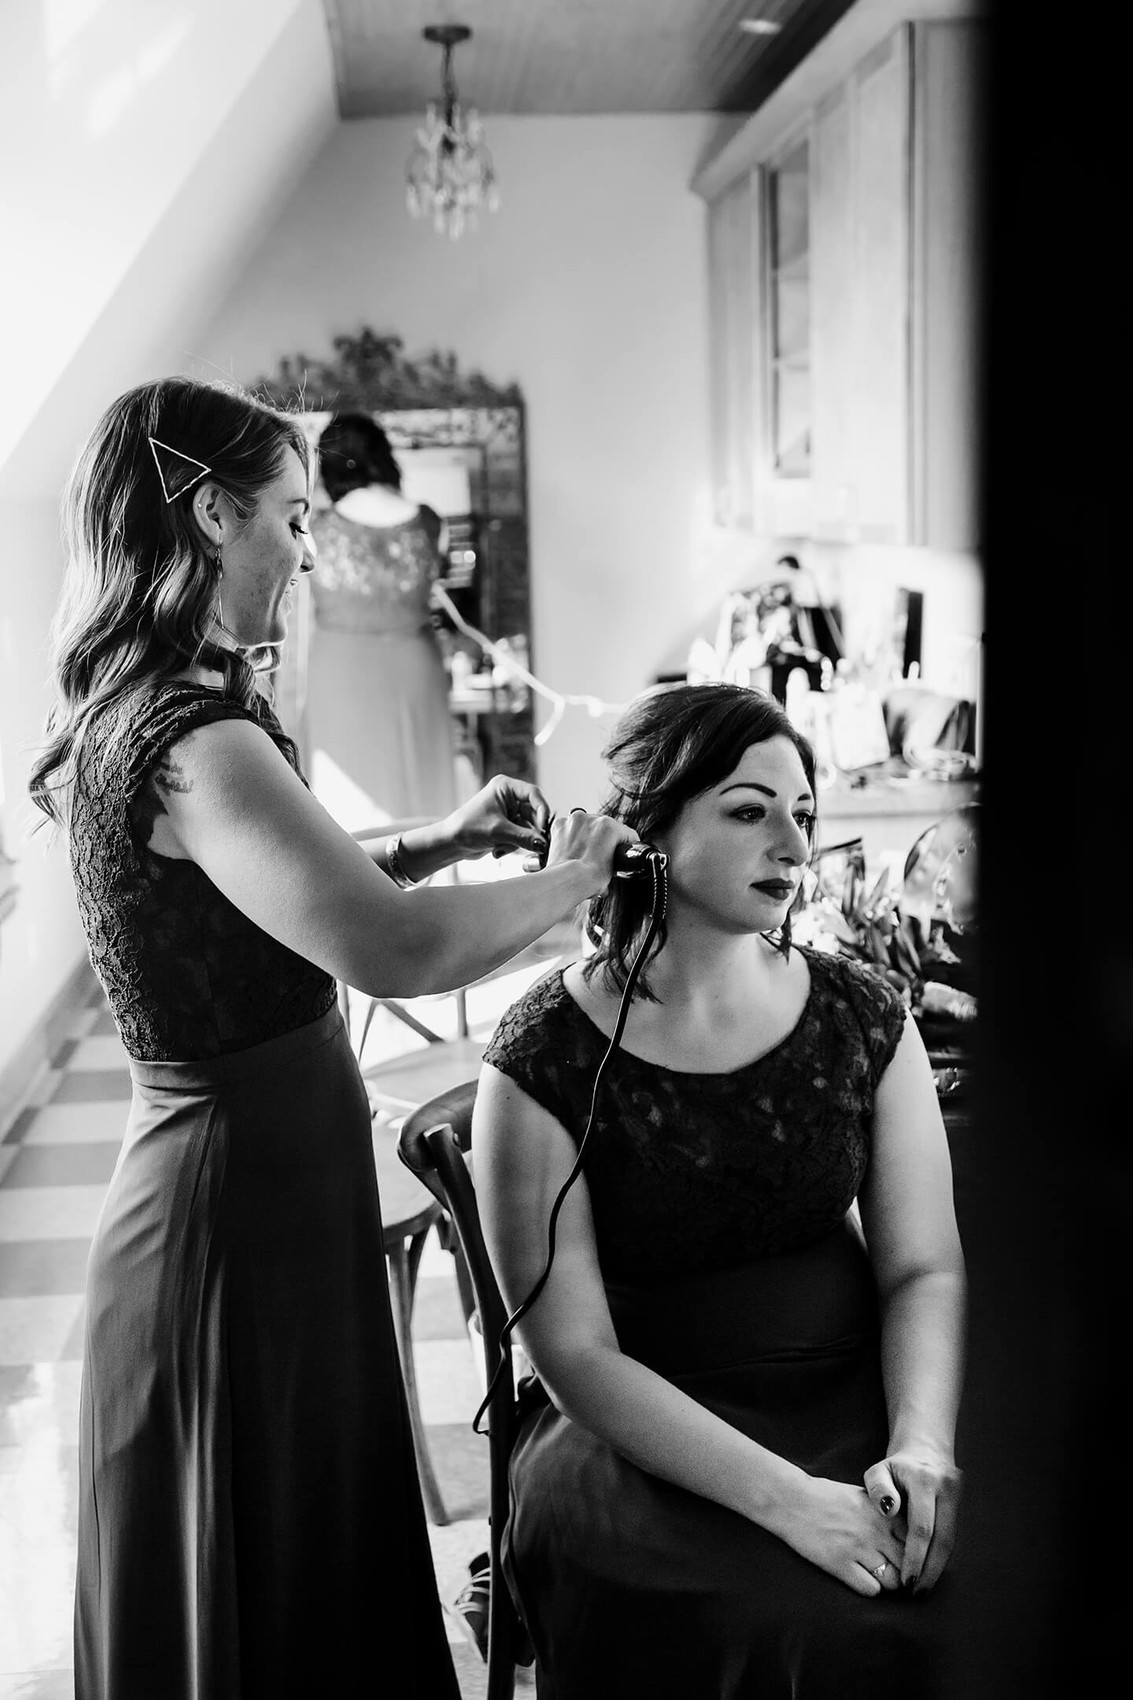 Getting ready on wedding day